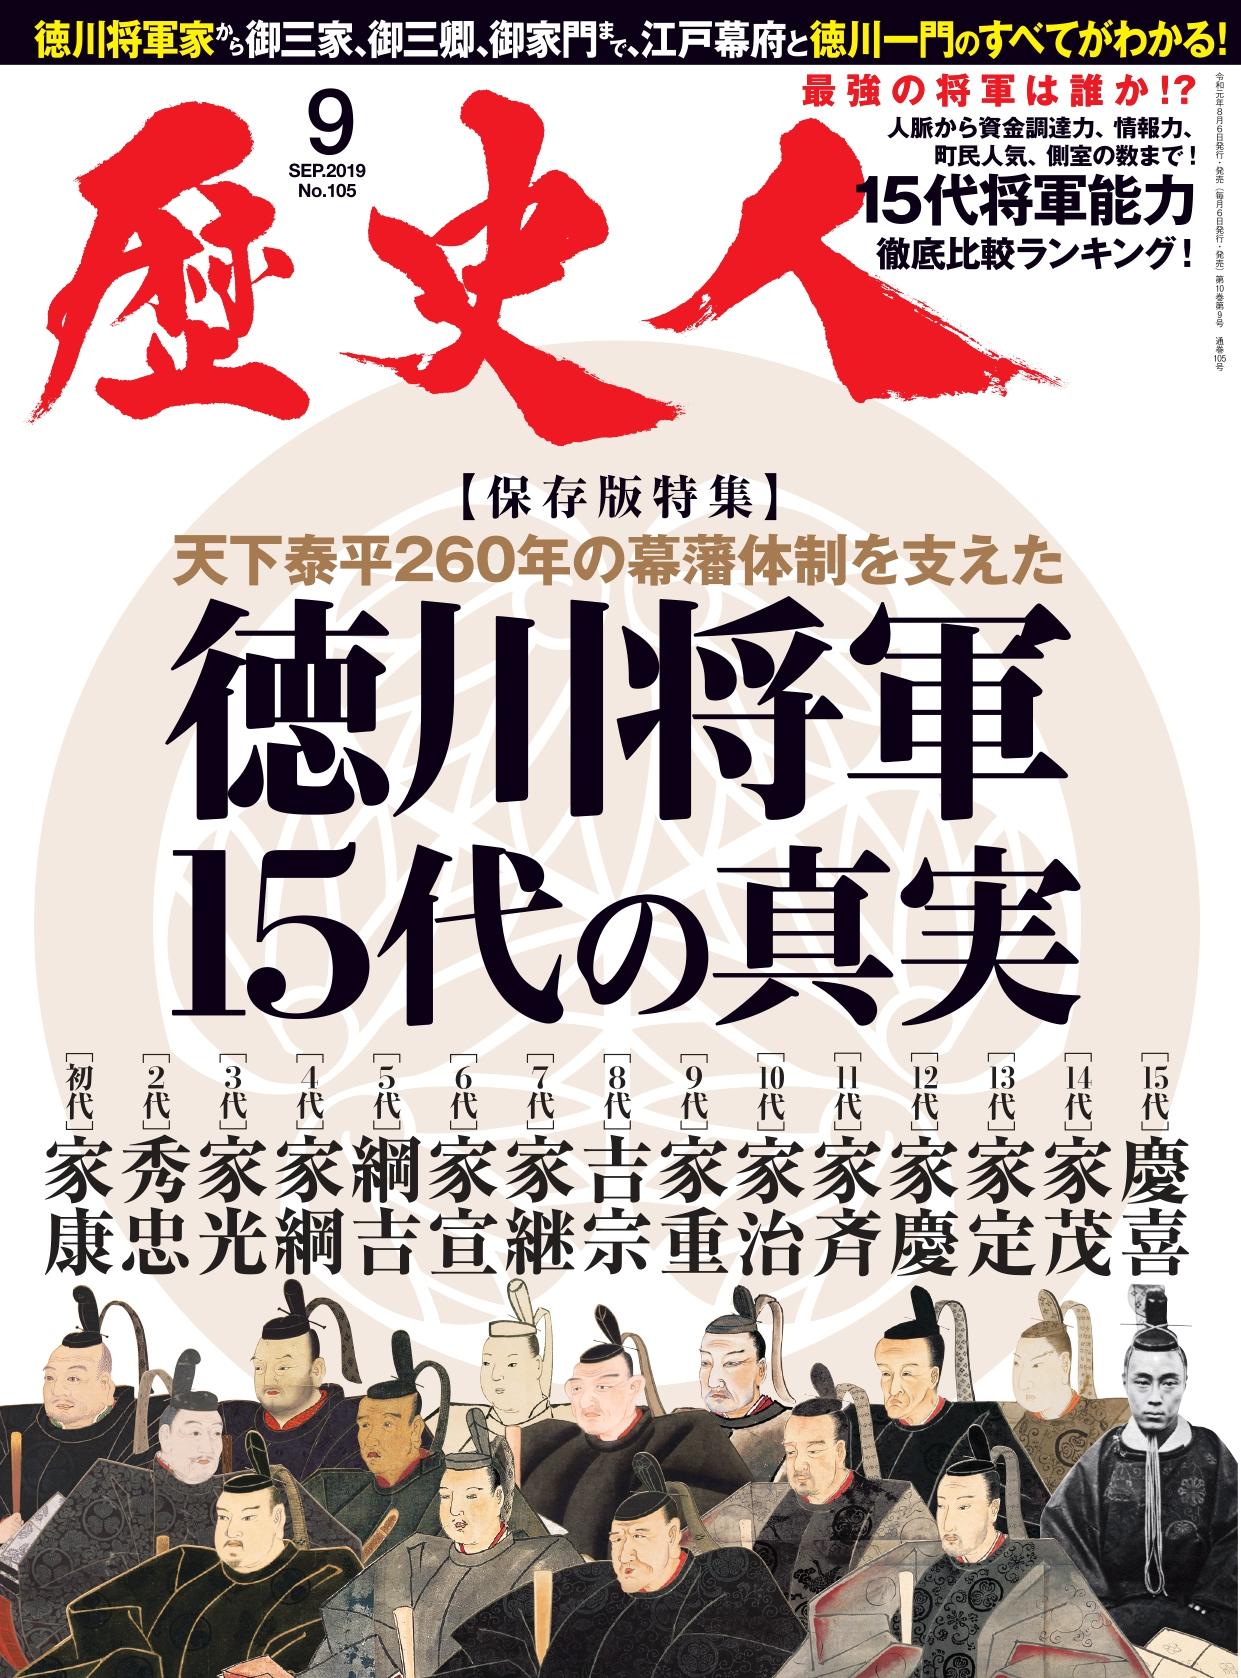 [保存版特集]天下泰平260年の幕藩体制を支えた『徳川将軍15代の真実』